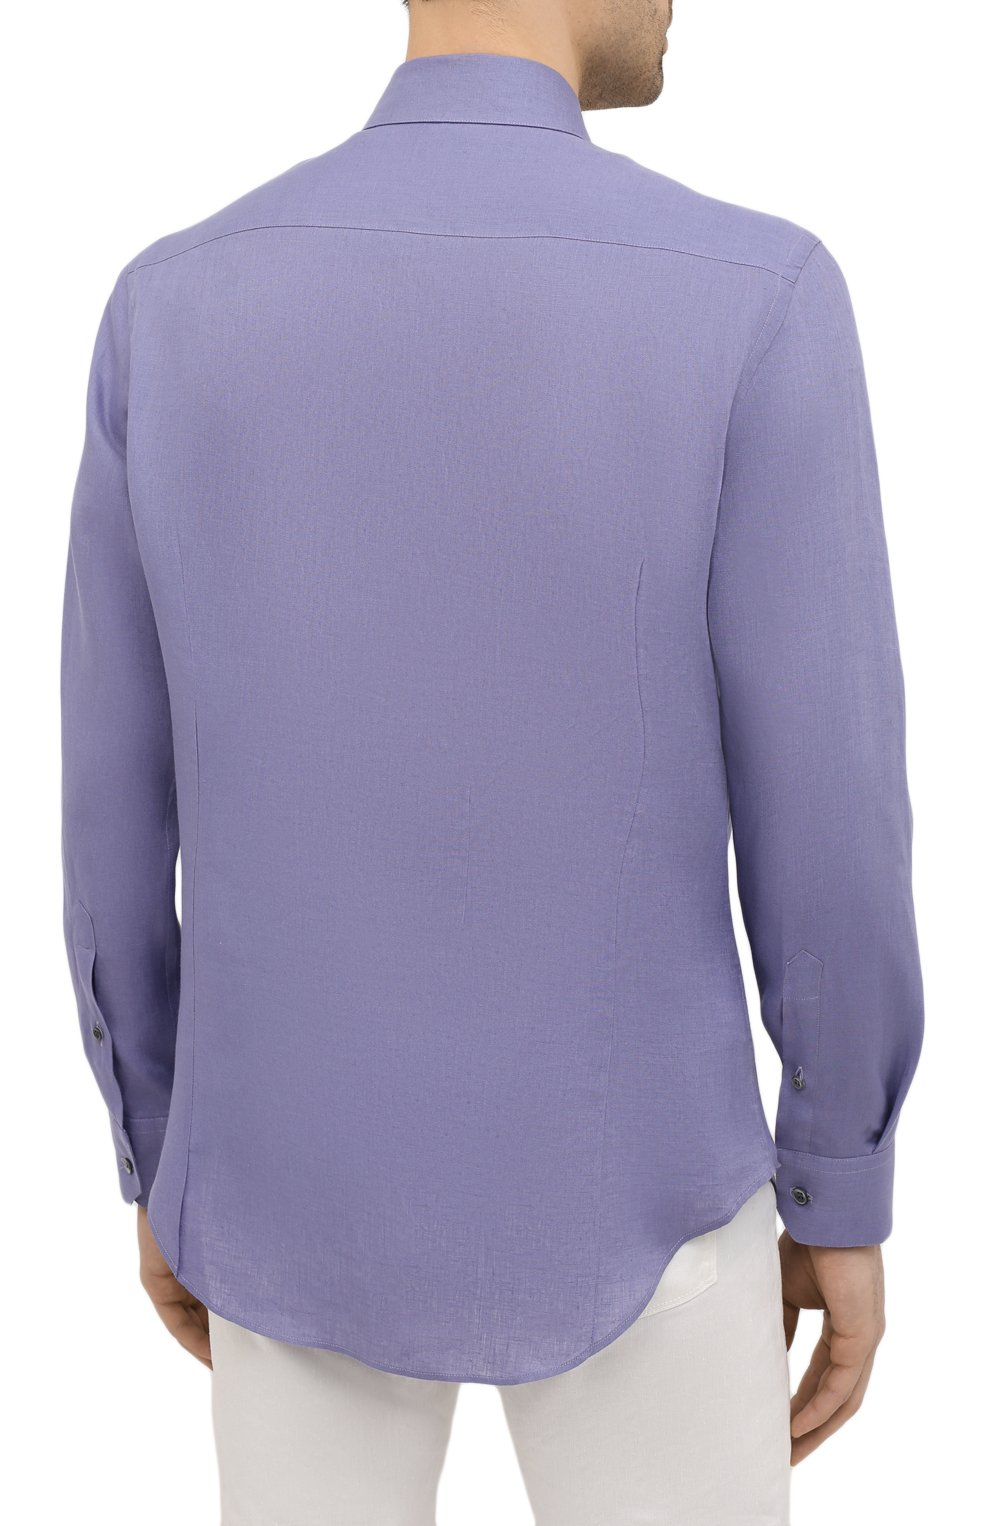 Мужская льняная рубашка GIORGIO ARMANI фиолетового цвета, арт. 8WGCCZ97/TZ256 | Фото 4